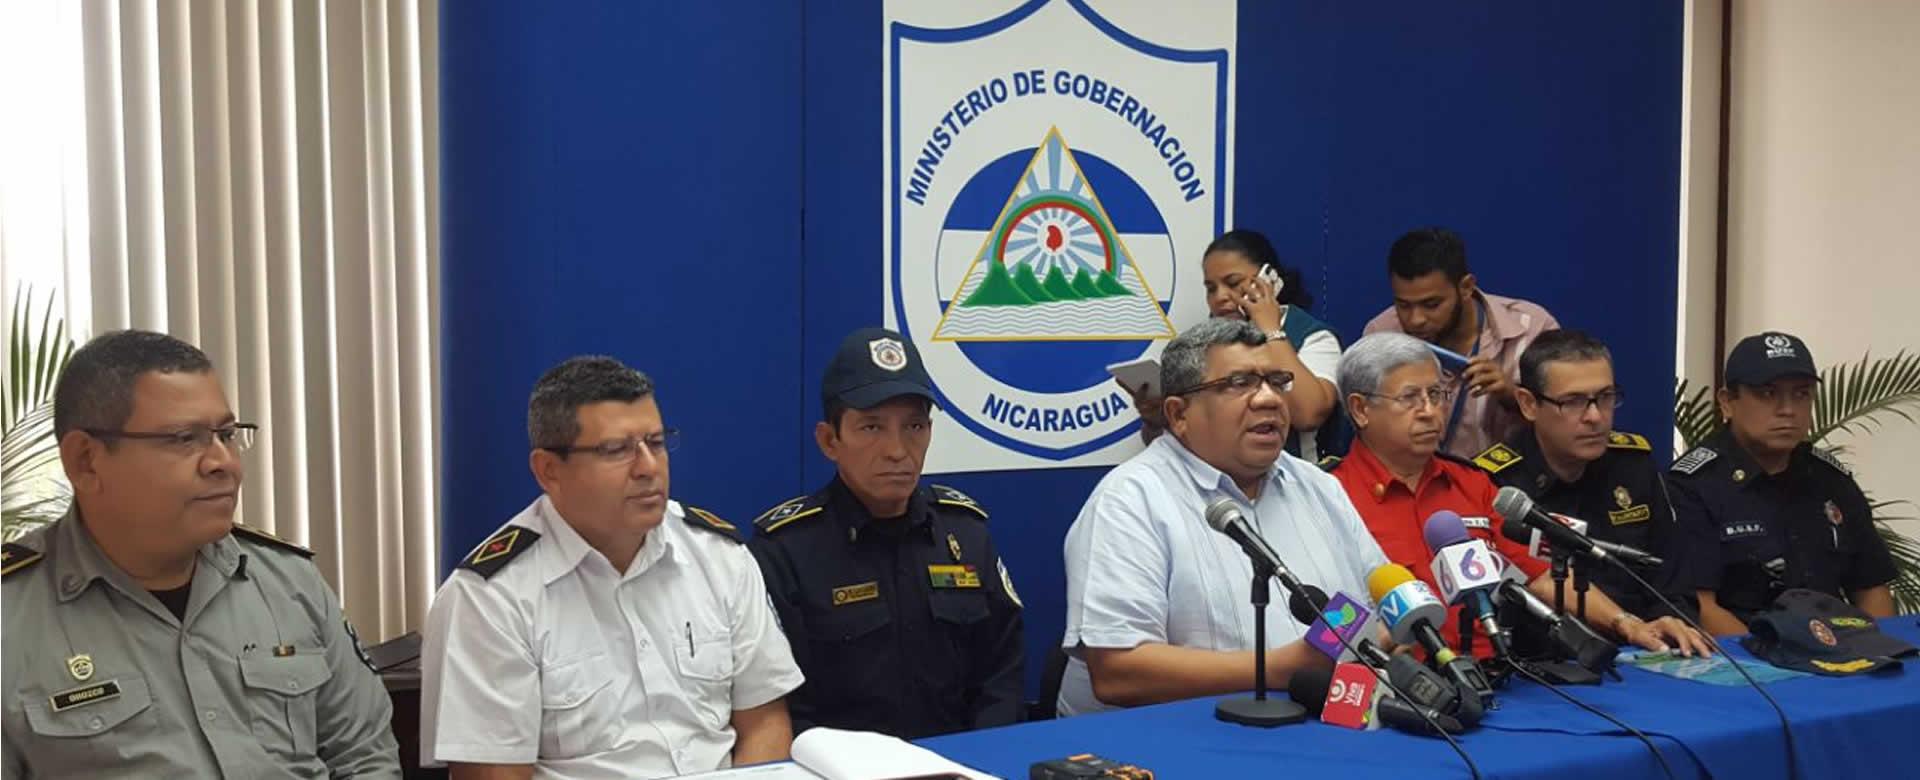 ministerio de gobernaci n presenta el plan del trabajo a